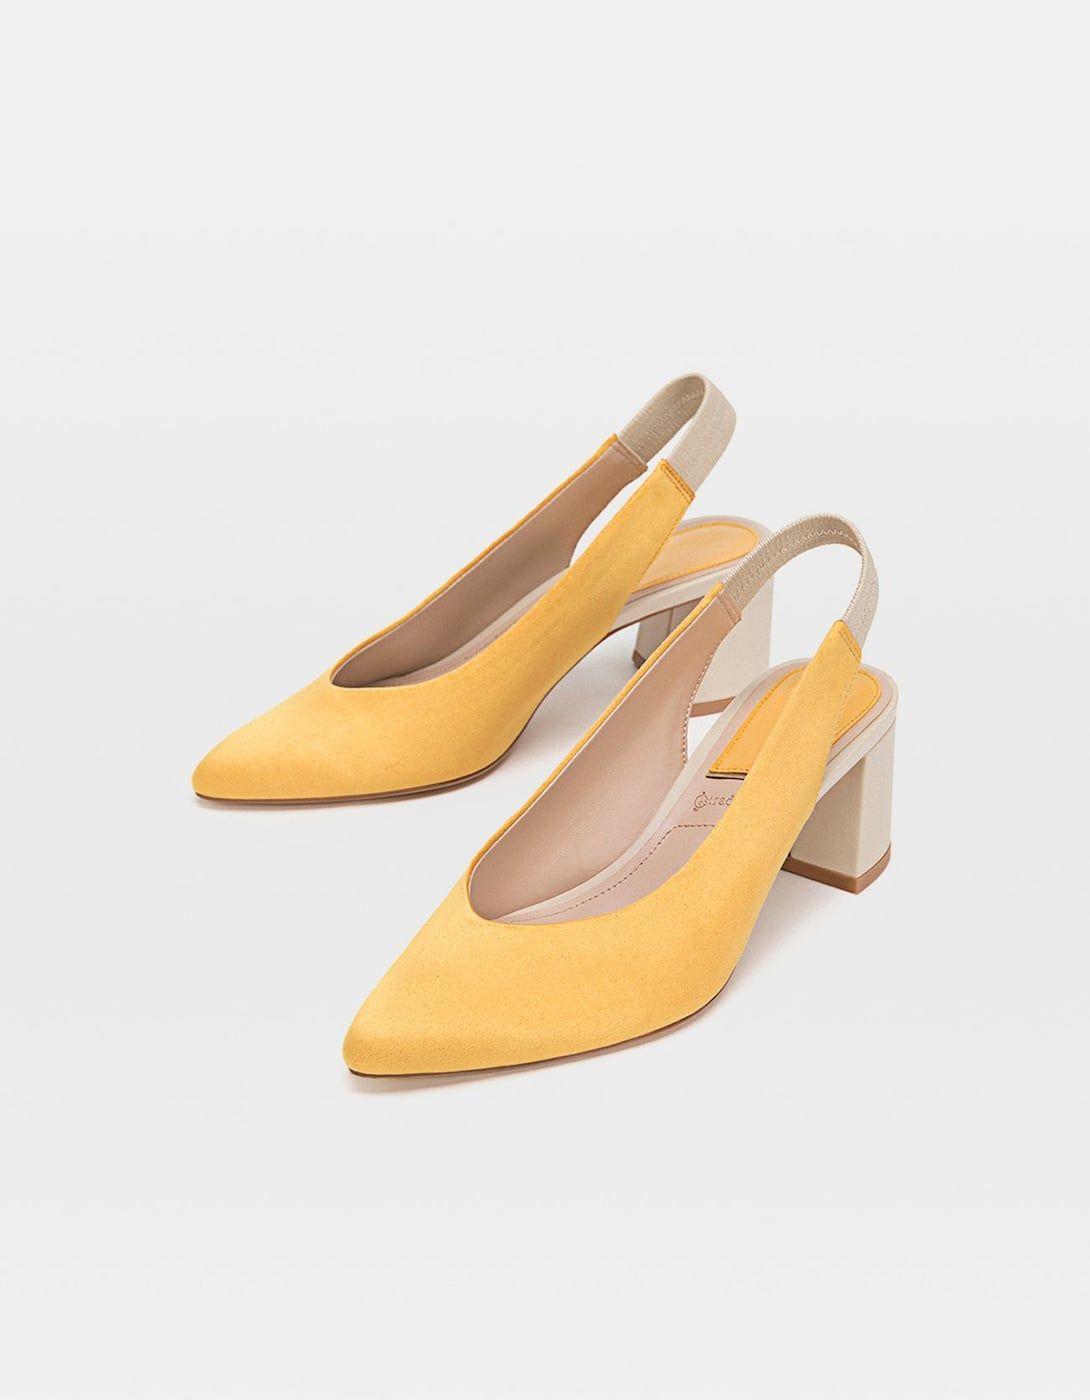 2019El Amarillo En Stradivarius Look Zapatos Destalonados Moda LUVpGjzqSM